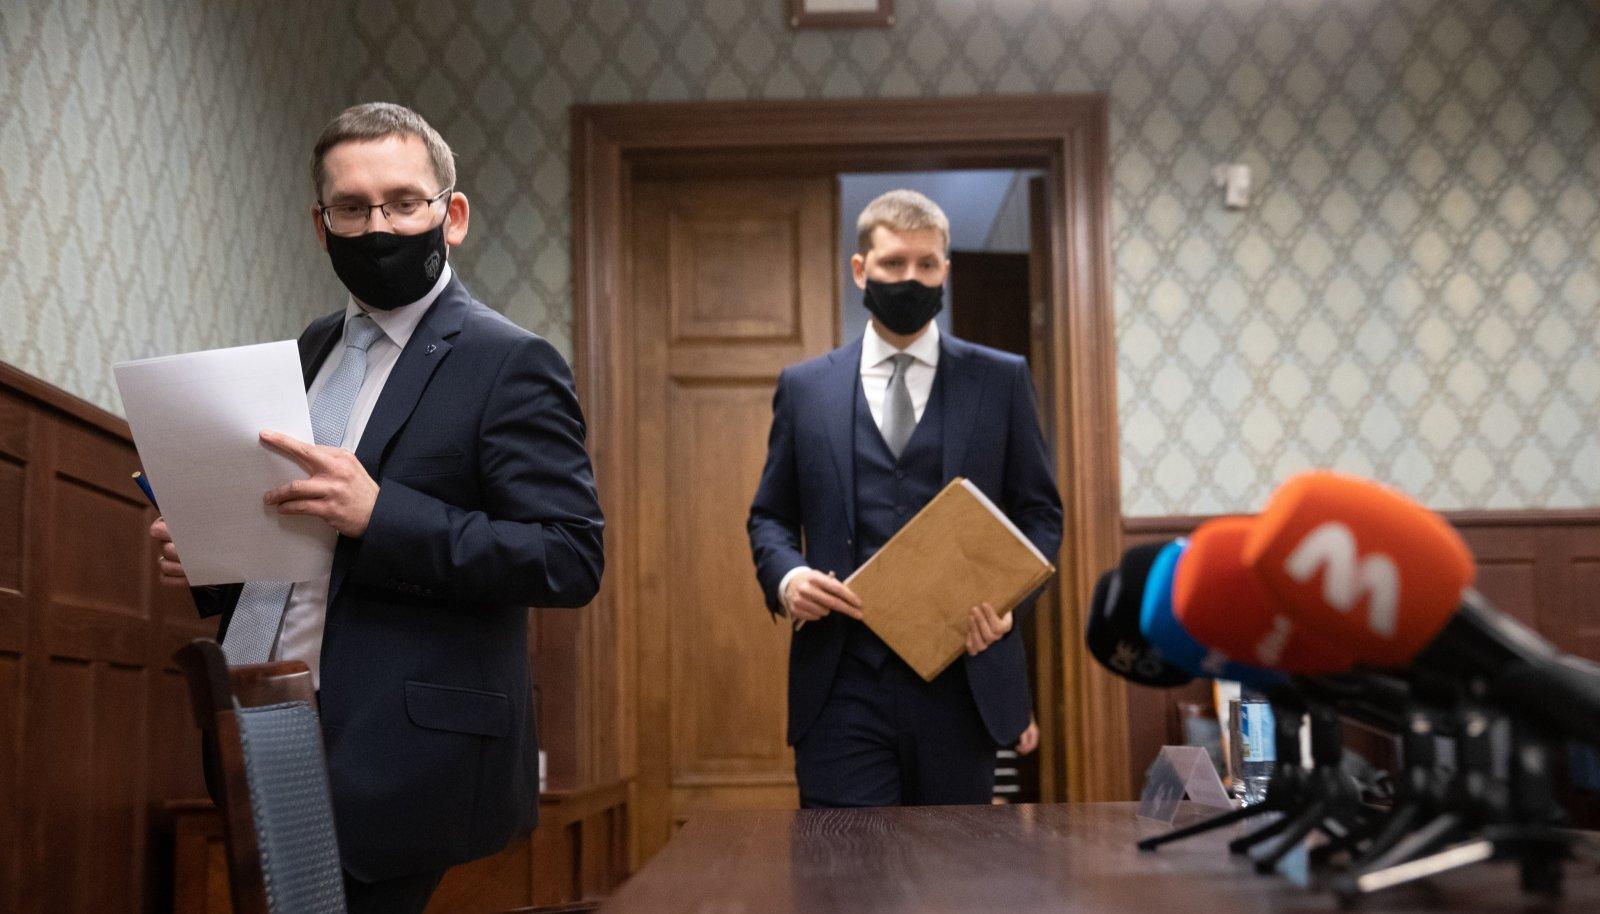 Juhtiv riigiprokurör Taavi Pern (vasakul) ja kaitsepolitsei büroojuht Harrys Puusepp teavitasid eile avalikkust jahmatavate mõõtmetega korruptsiooniuurimisest.